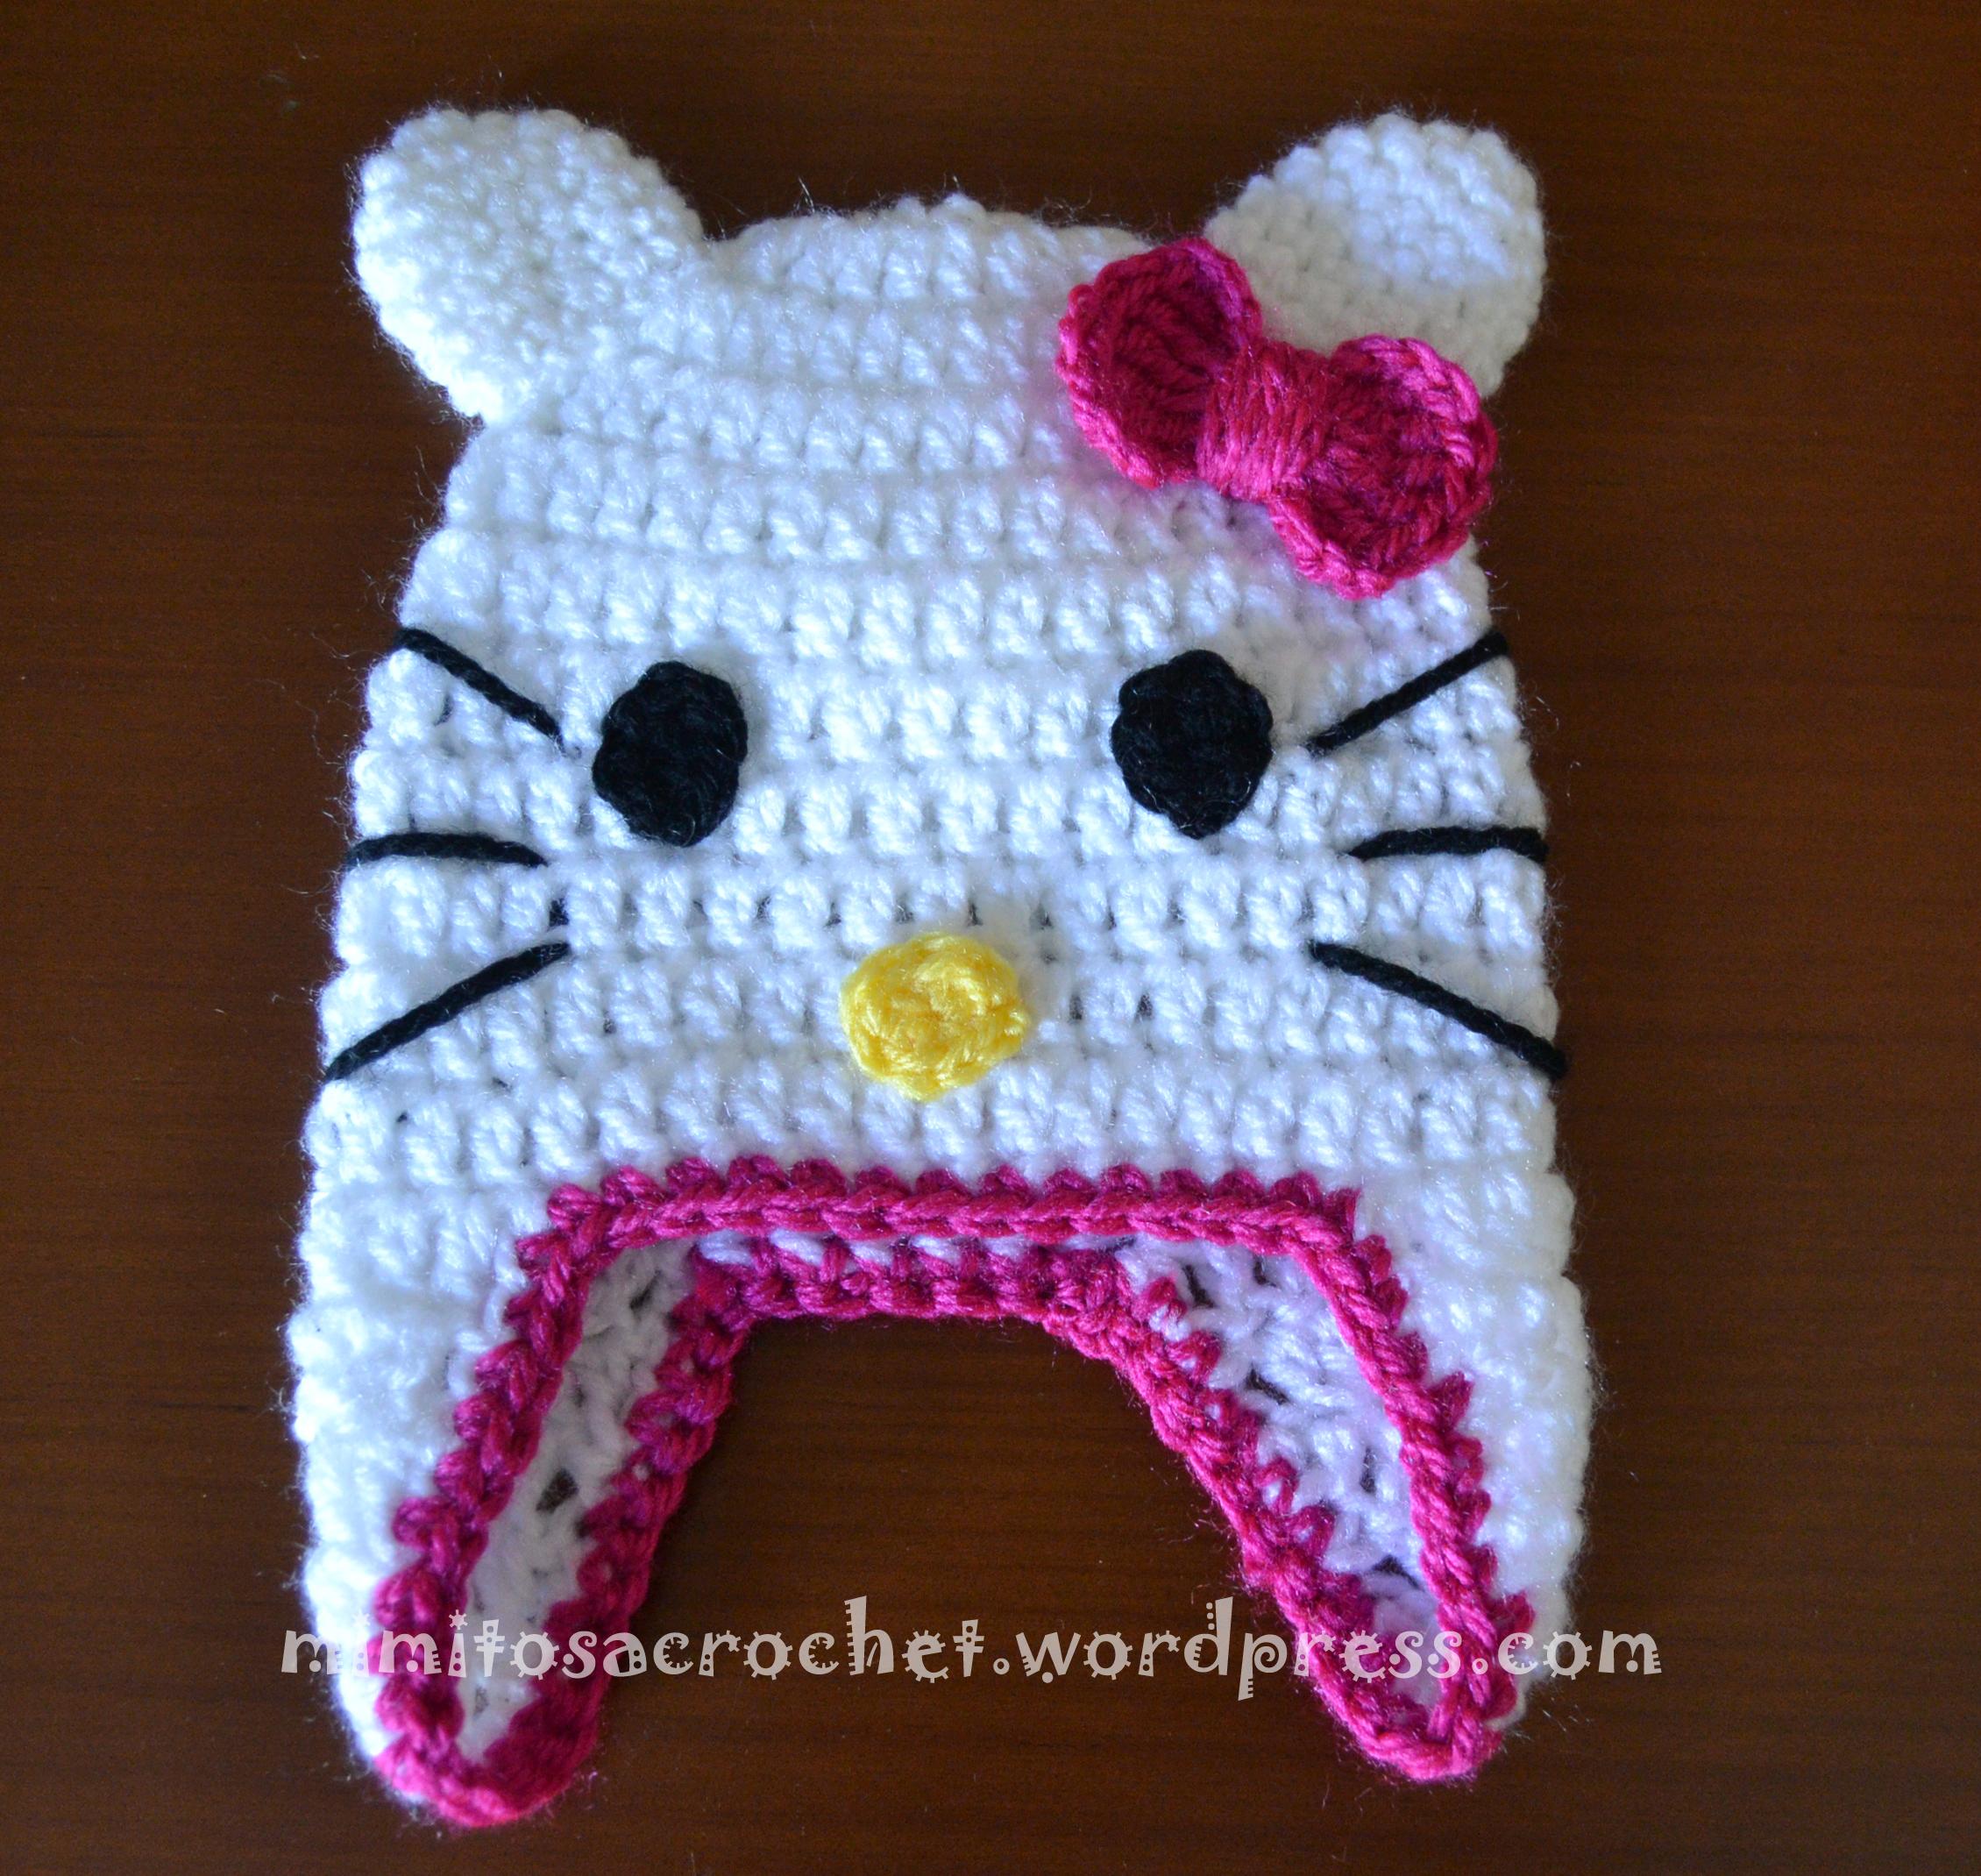 Asombroso Hello Kitty Patrón De Ganchillo Afgano Libre Viñeta ...